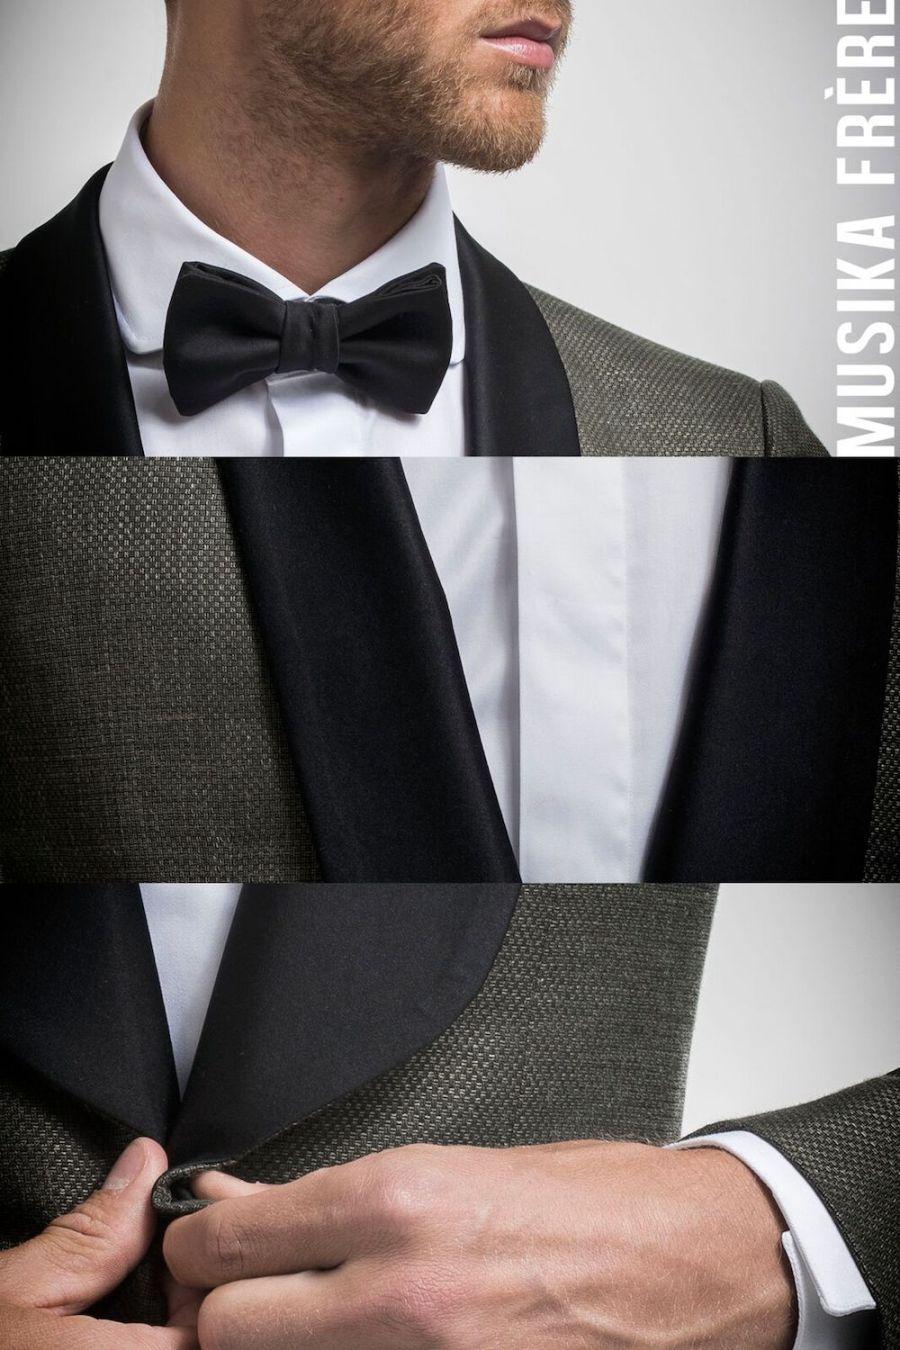 Musika Frere Menswear Lookbook by Michael Del Buono3